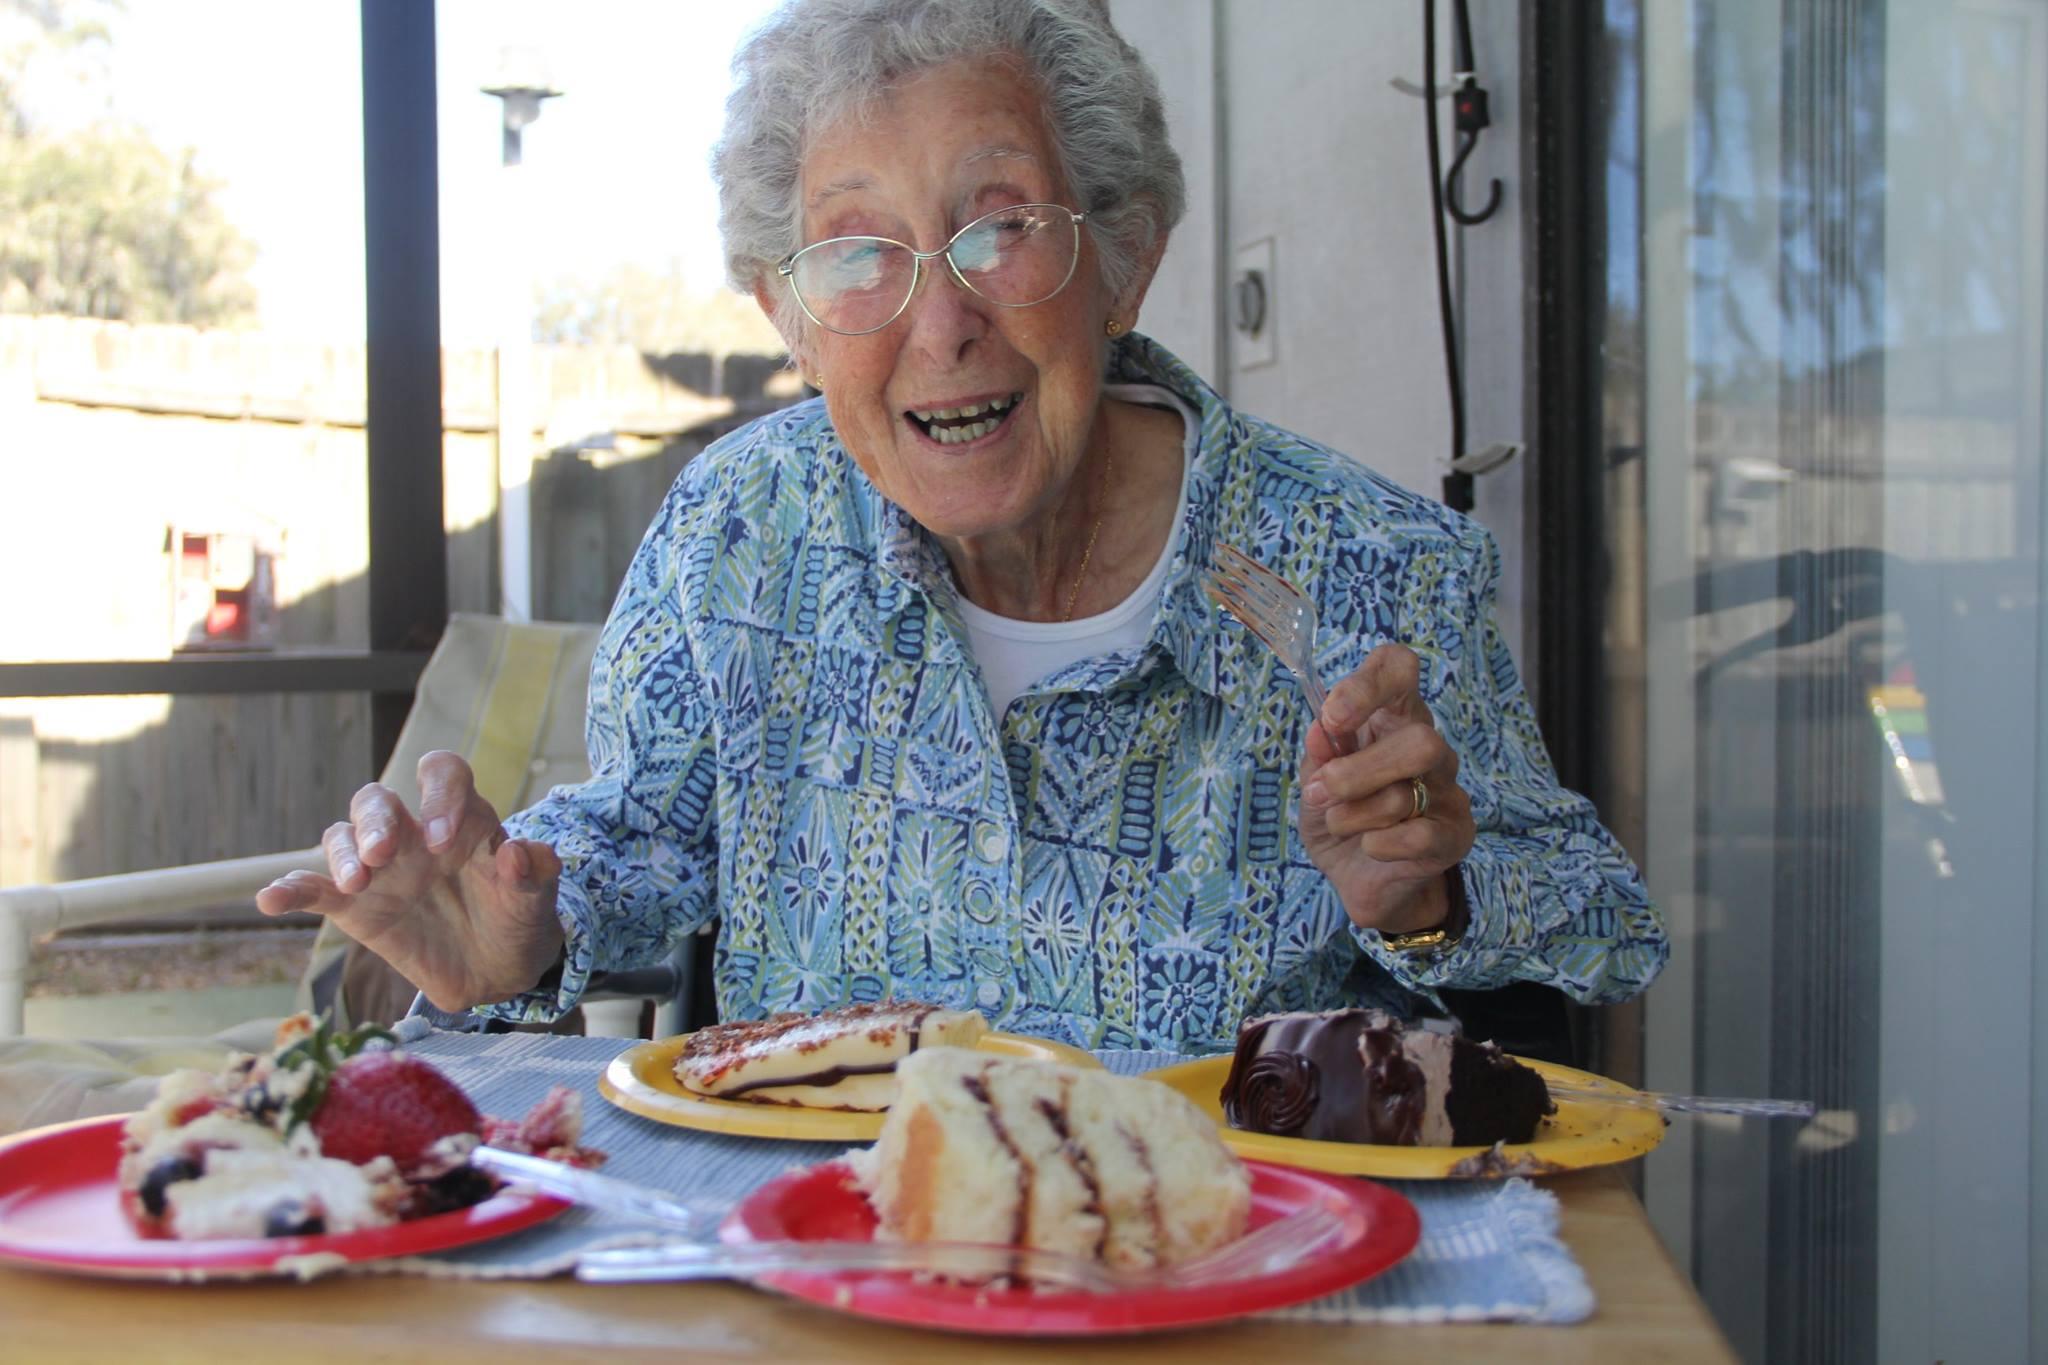 長寿高齢化社会となり、90歳の方も珍しくはなくなりました。とはいえ、90歳までの年月を生きてこられた方ですから、プレゼントをお贈りしてお祝いしてあげたいものですね。プレゼントにどういったものを贈ったらよいか、お勧めをご紹介します。のサムネイル画像